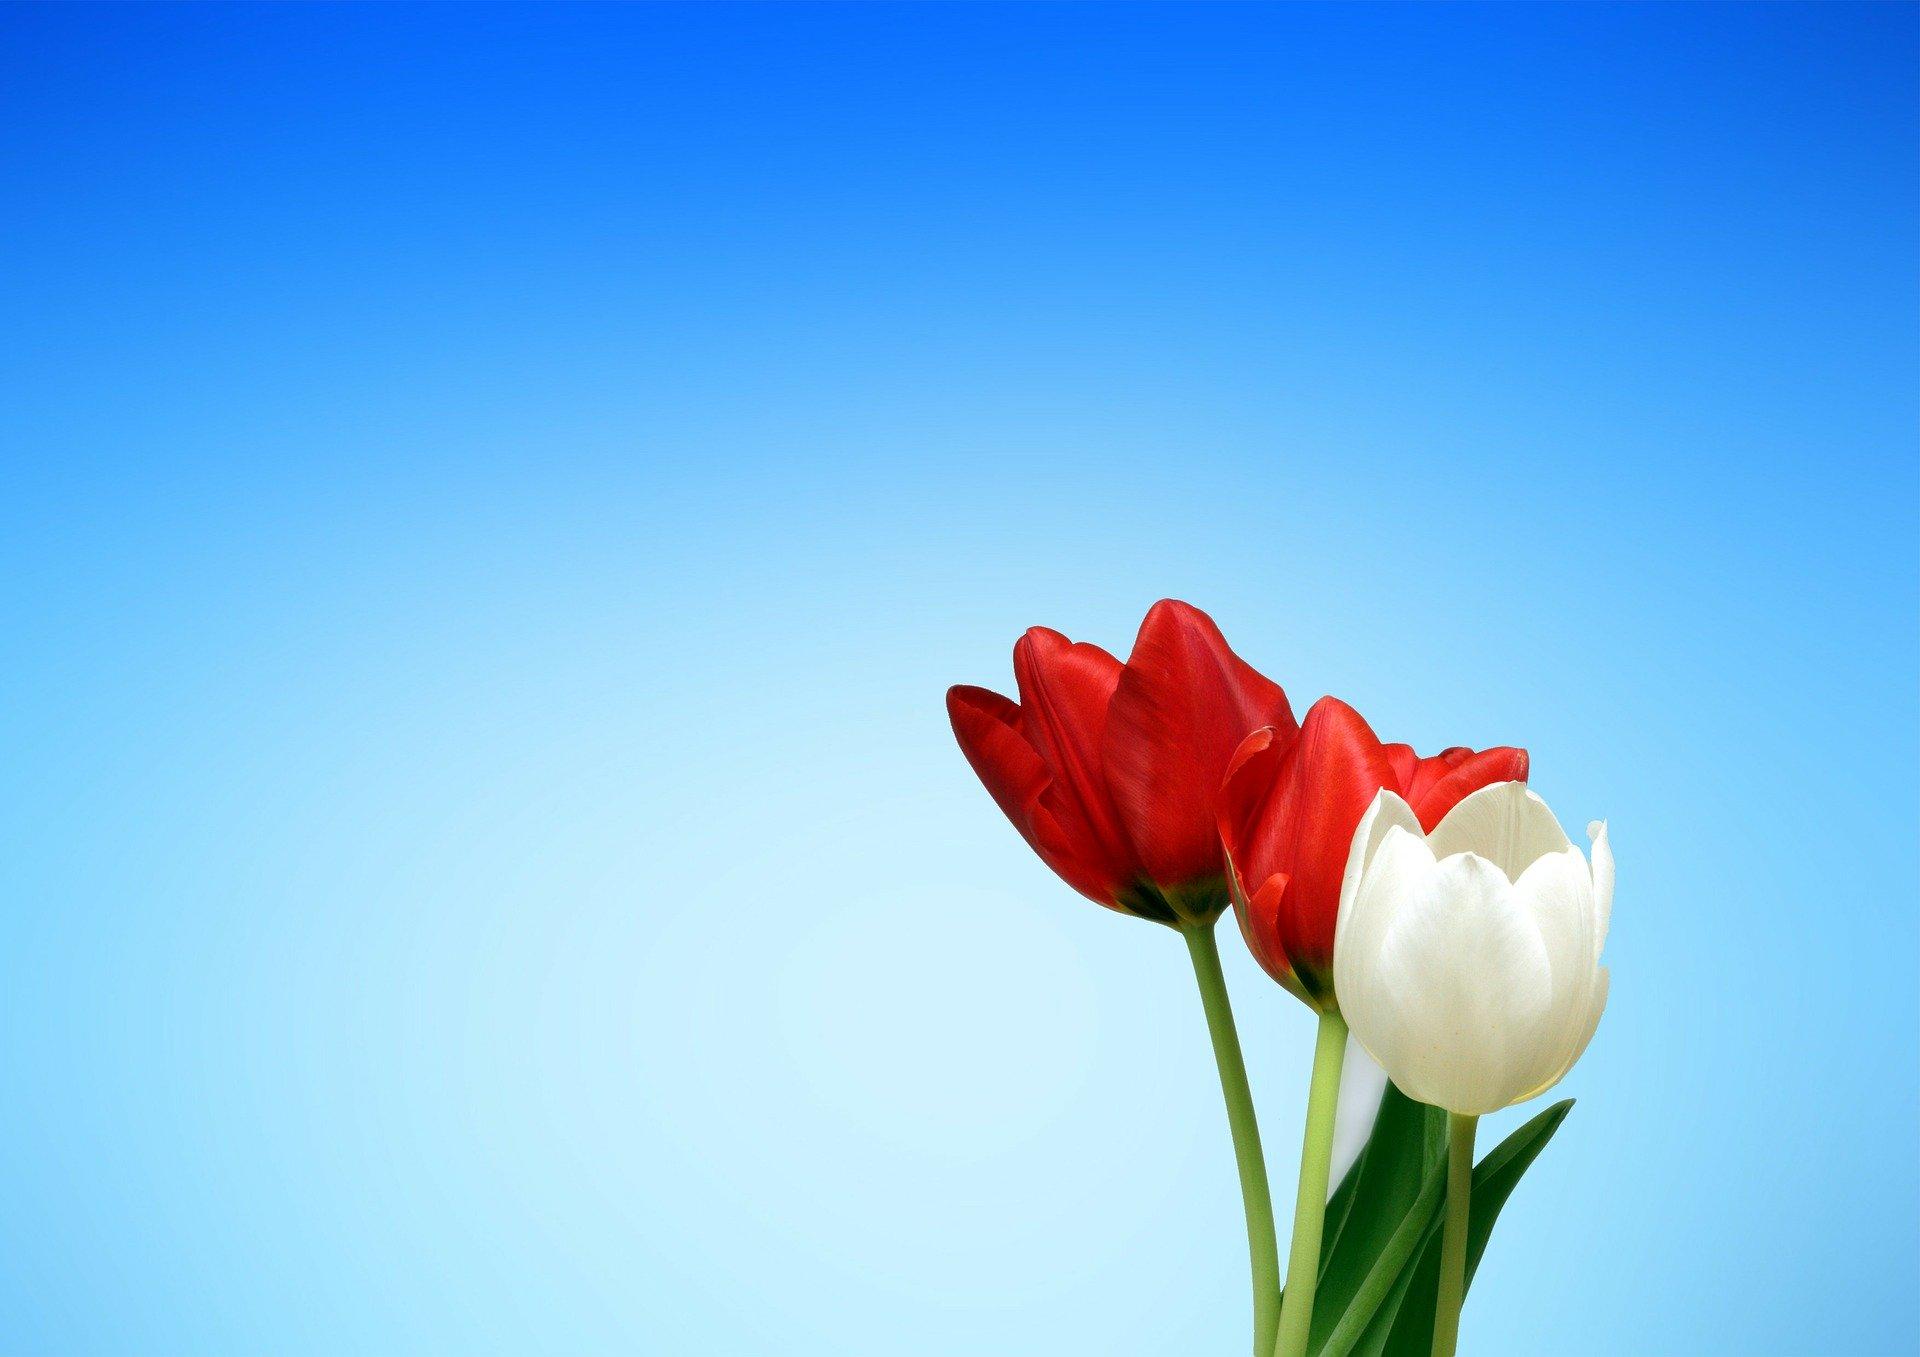 Фотография тюльпанов на фоне голубого неба